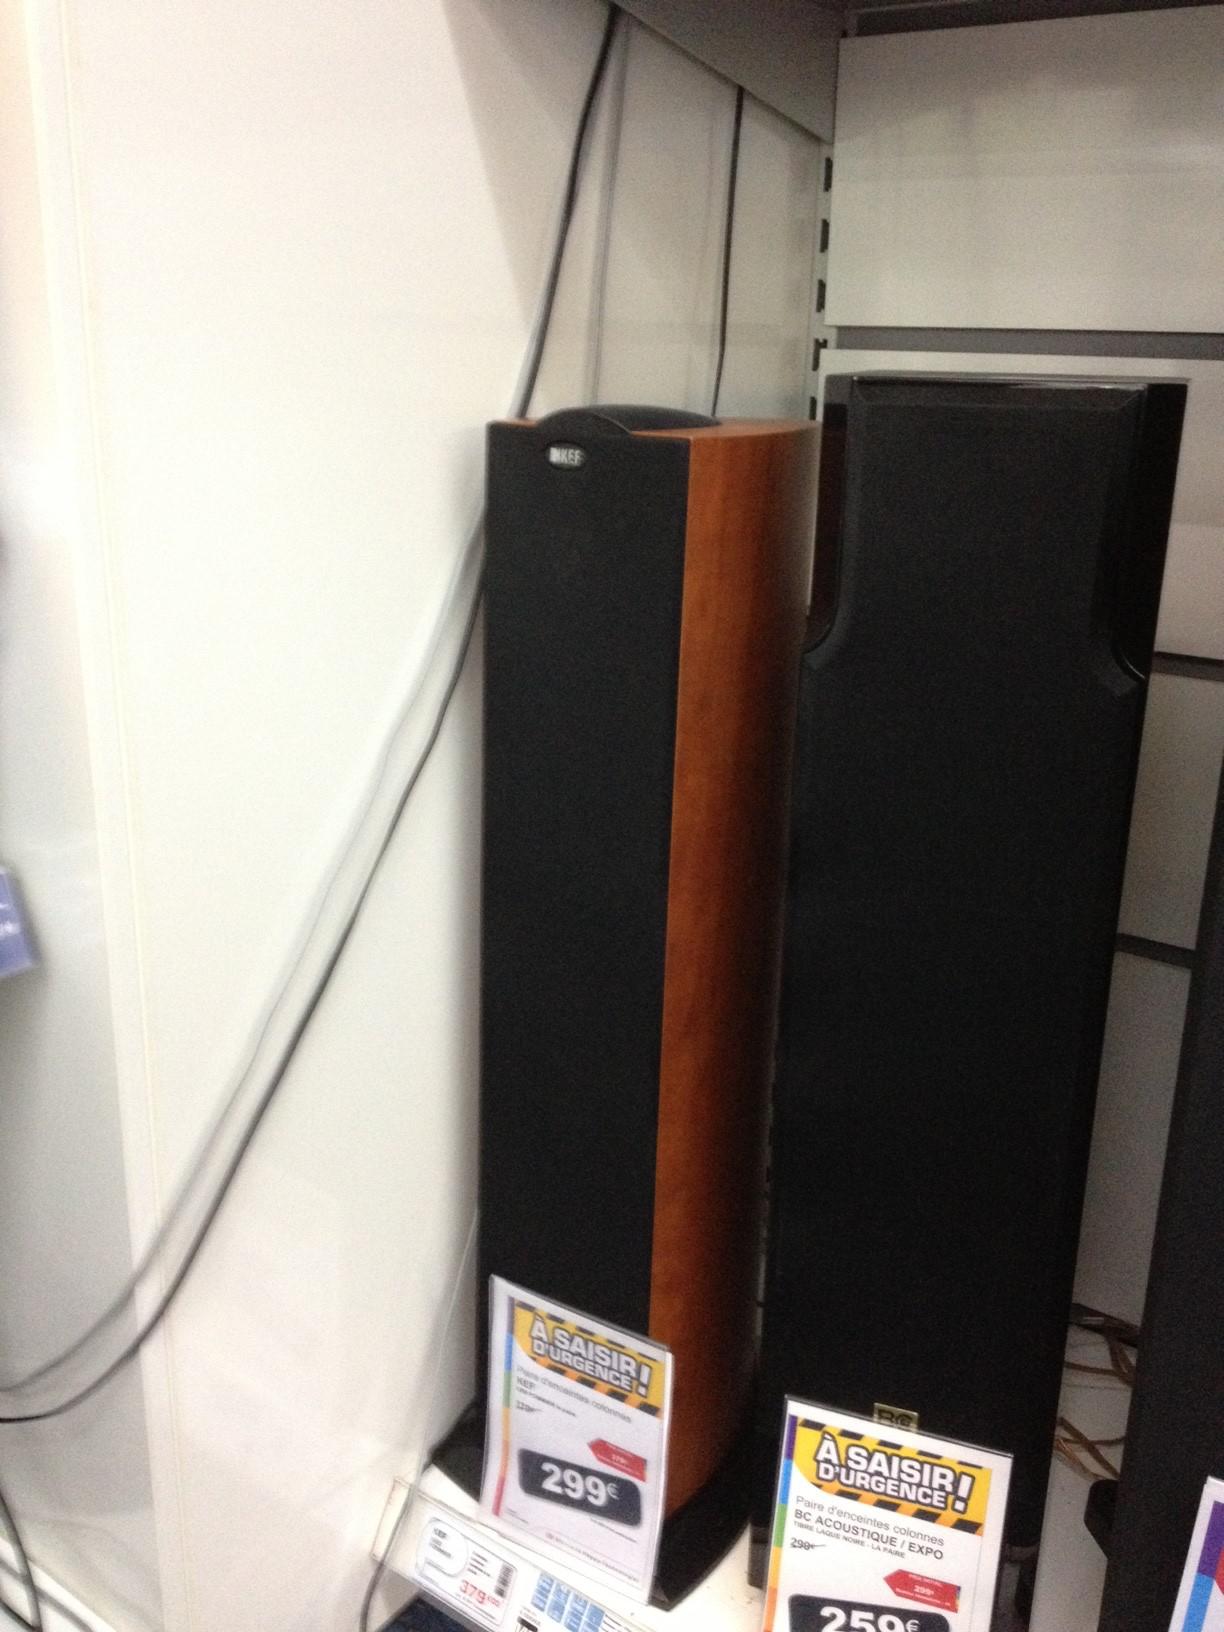 Enceintes colonne KEF iQ50 Pommier - La paire